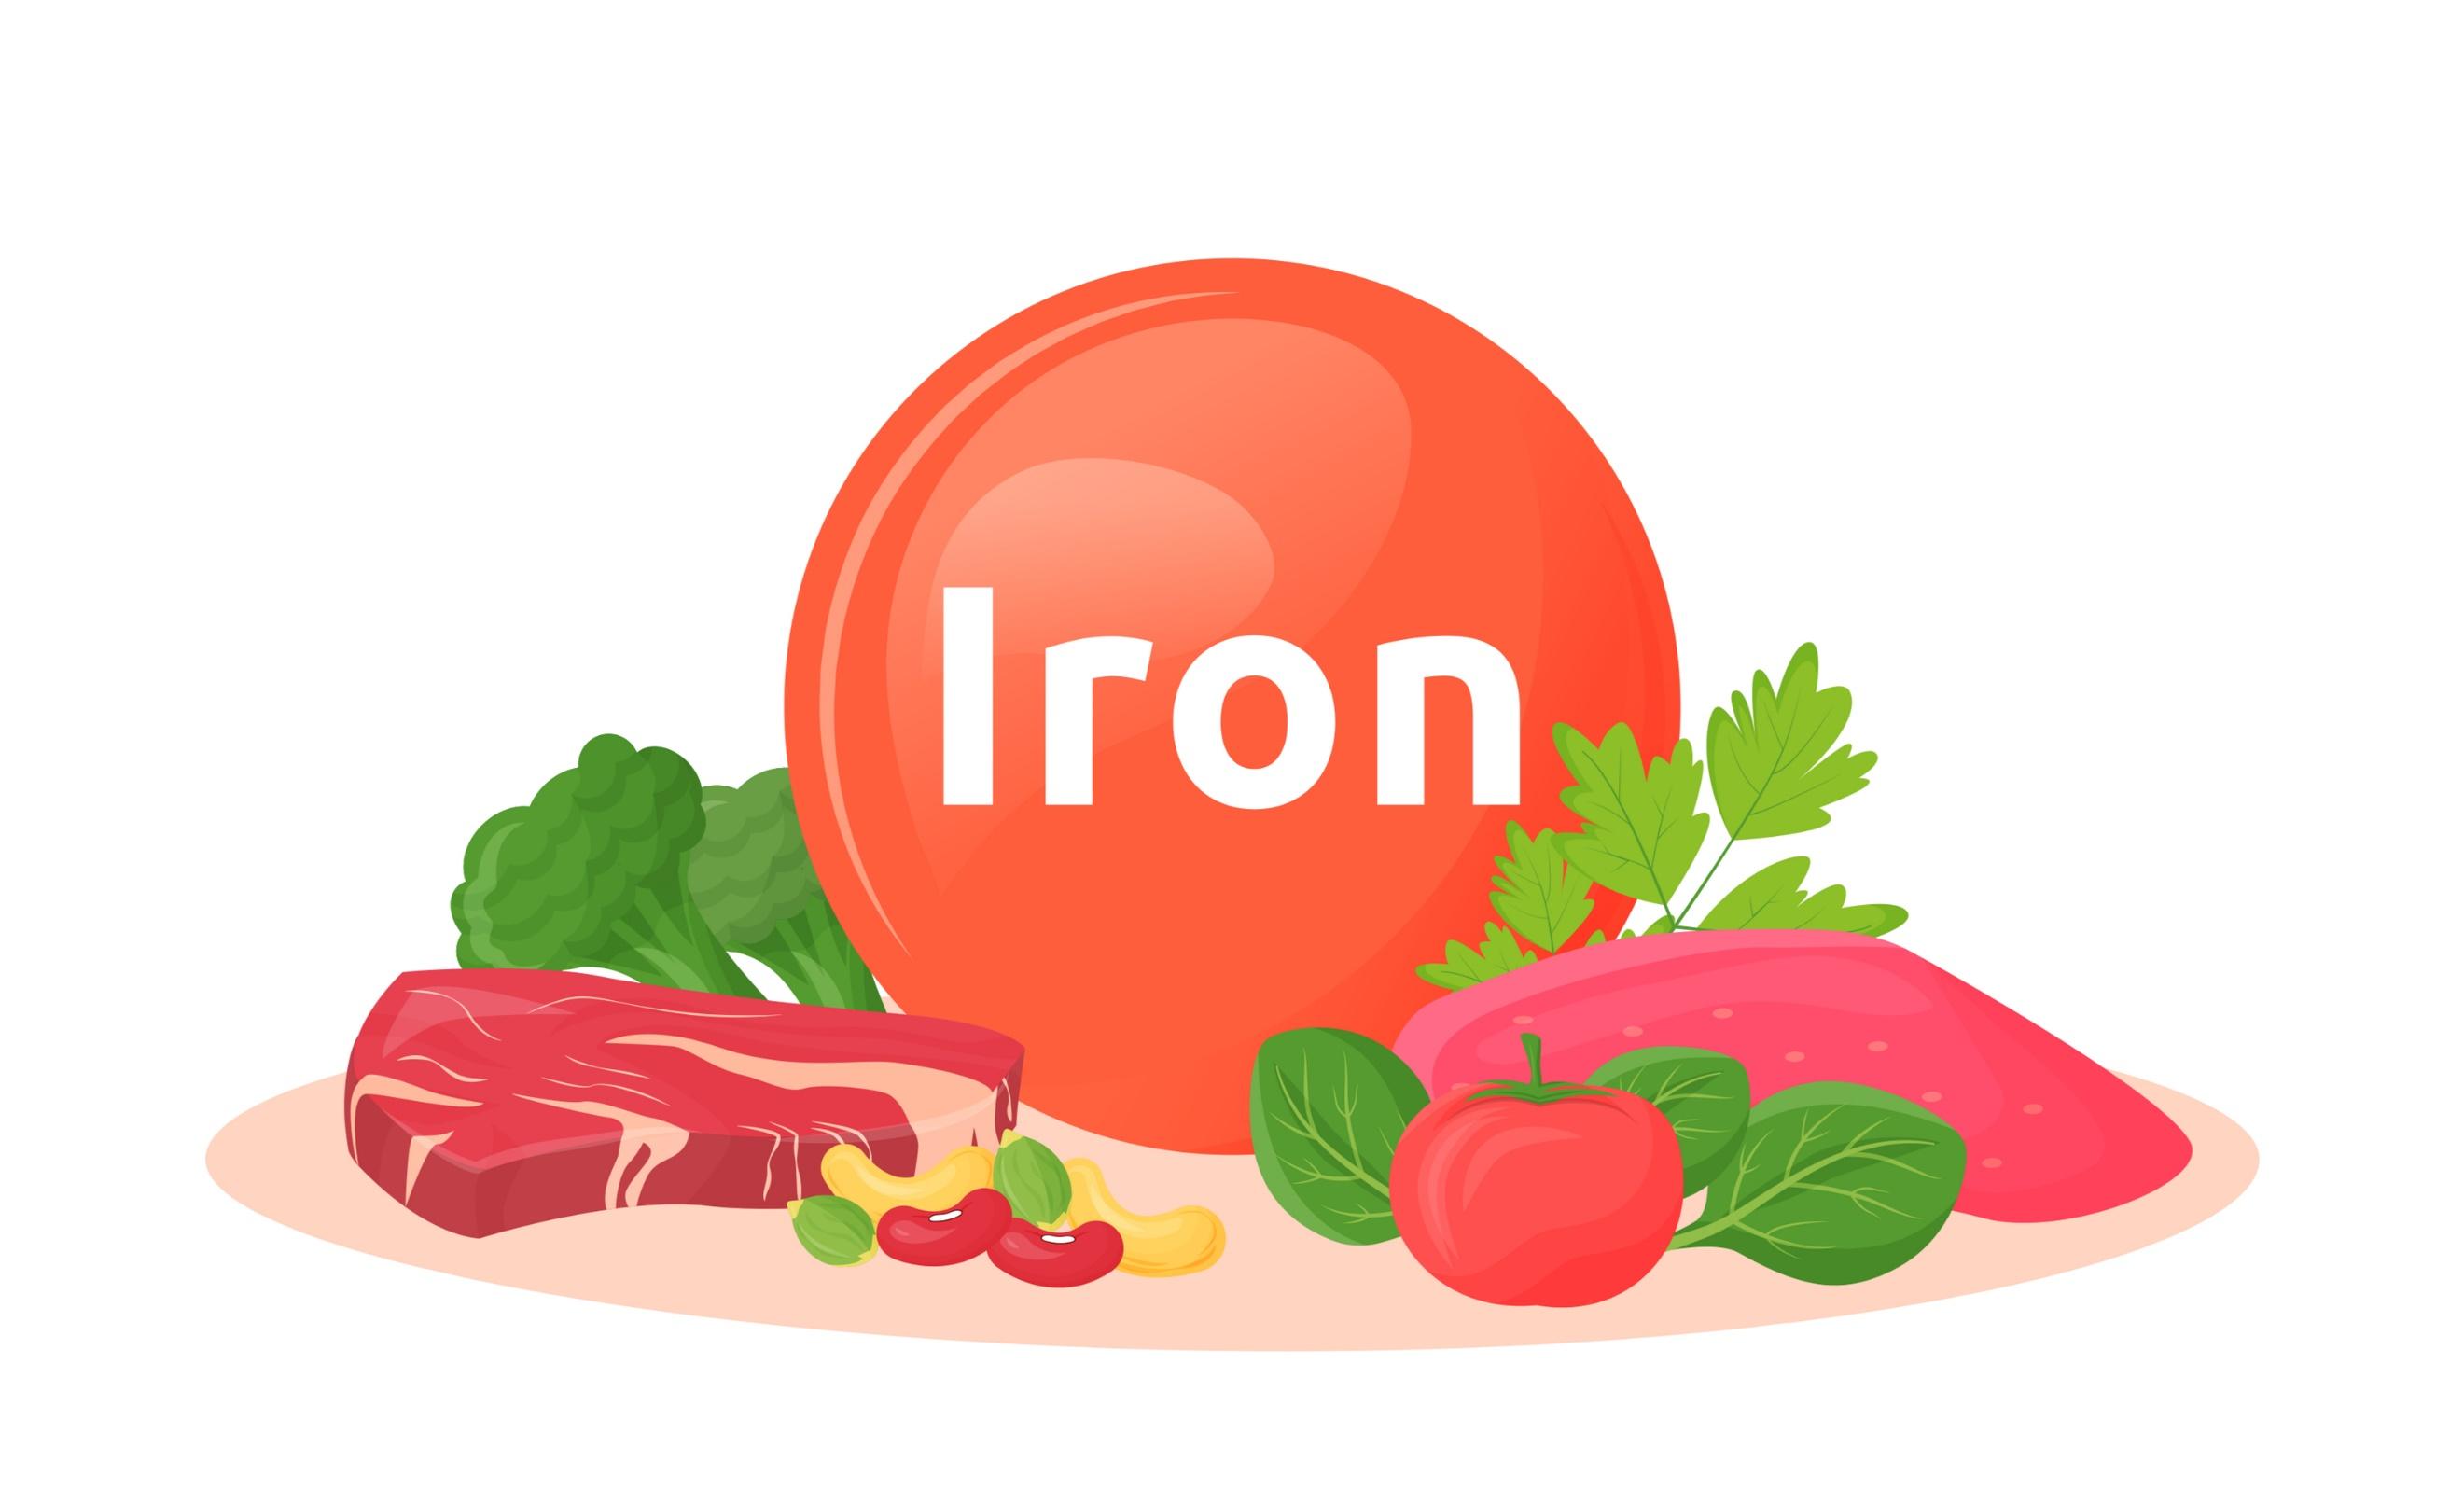 鉄を含む食材のイラスト